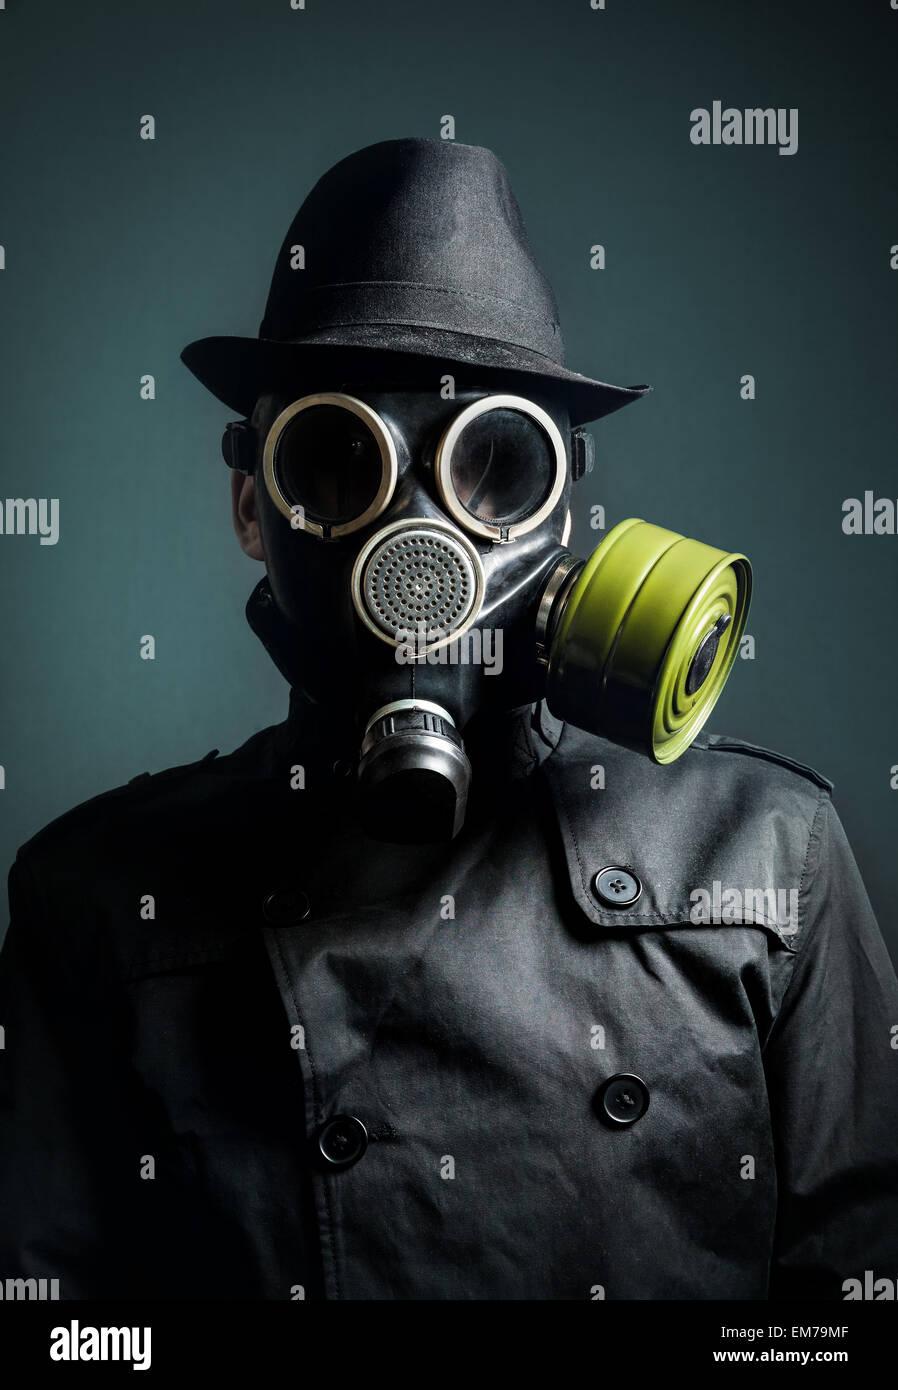 L'homme en masque à gaz, imperméable et chapeau noir à fond sombre Banque D'Images